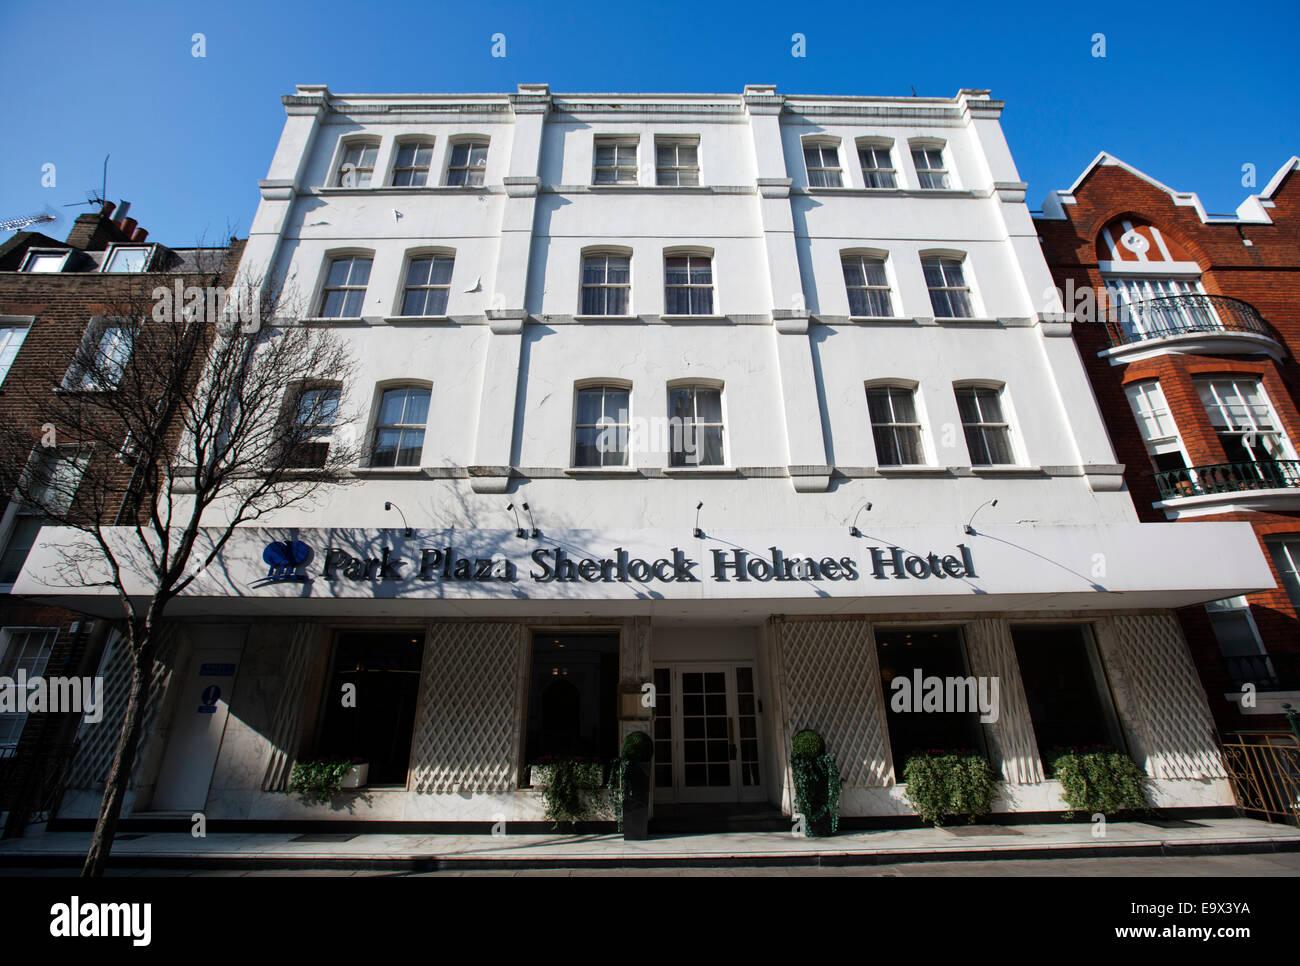 Hotels In Baker Street London Uk